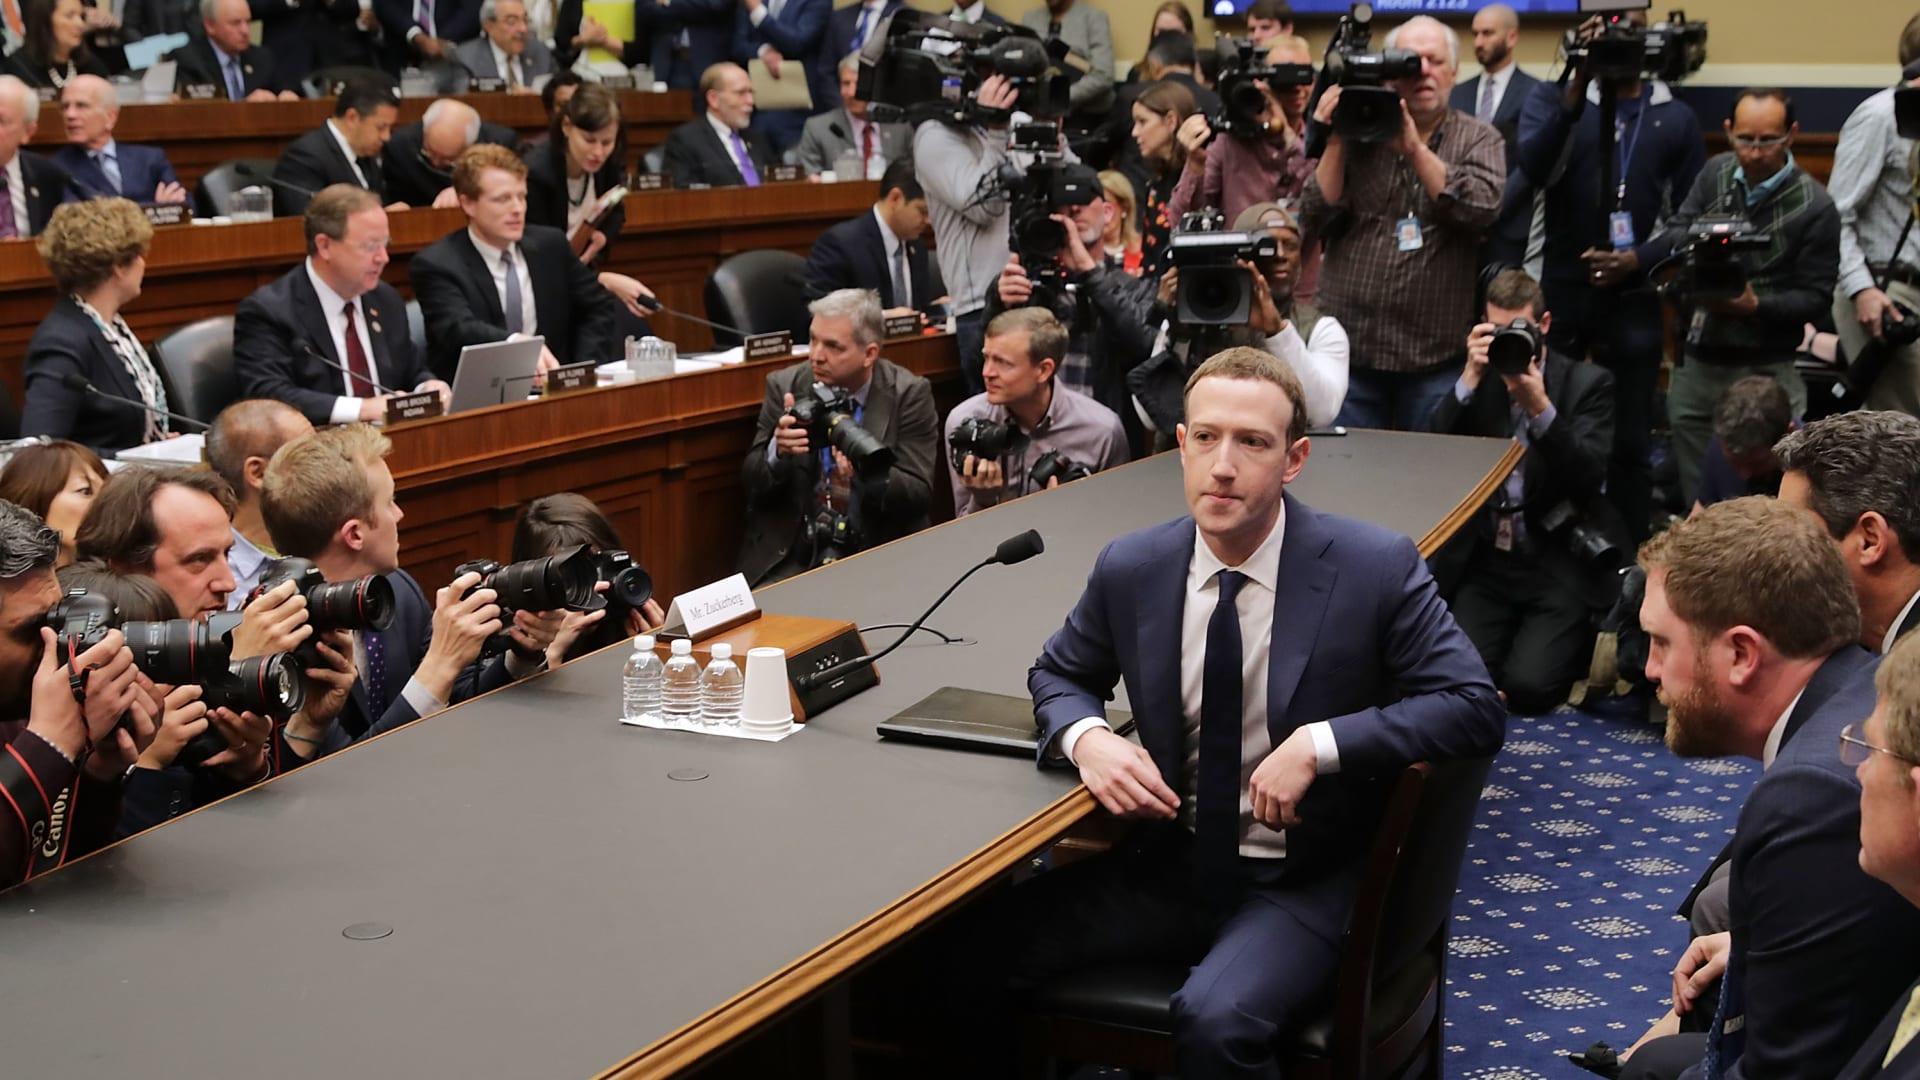 شاهد كيف كانت ردة فعل مؤسس فيسبوك بعد مقارنته بترامب